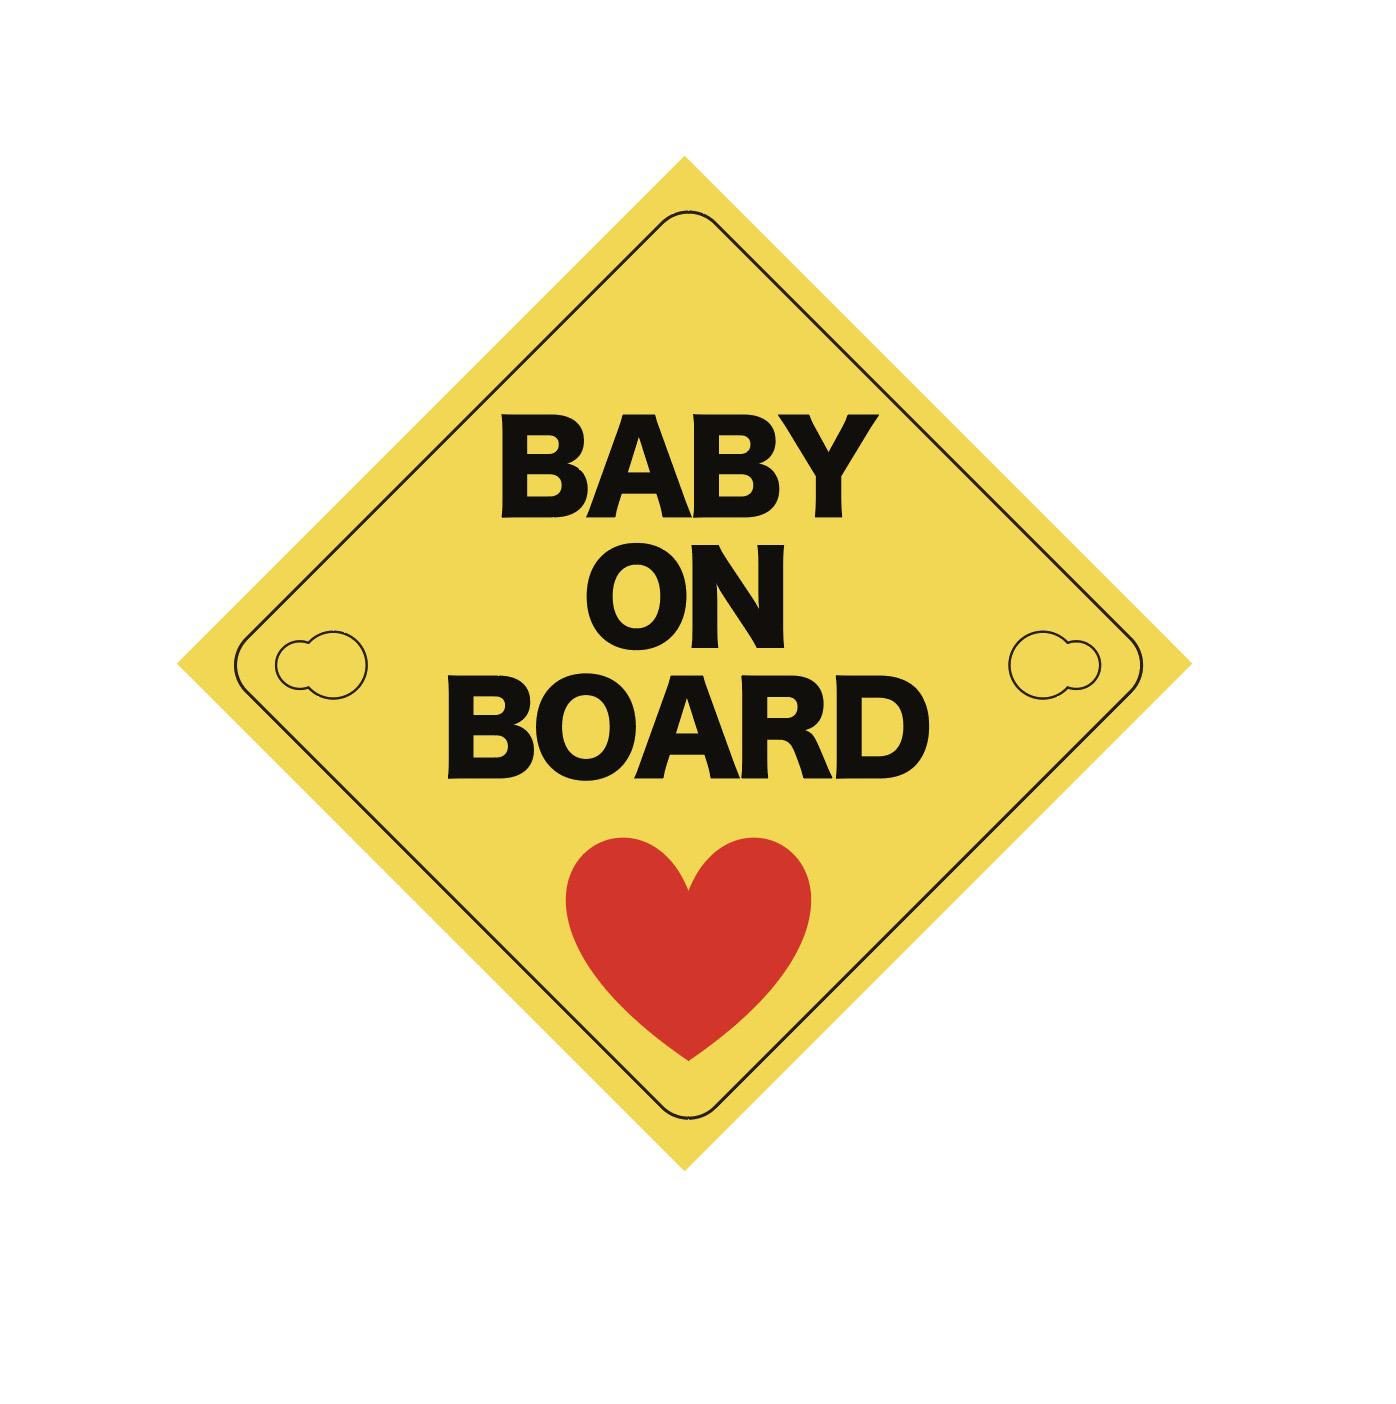 שילוט מגנטי לרכב - תינוק על הסיפון לב